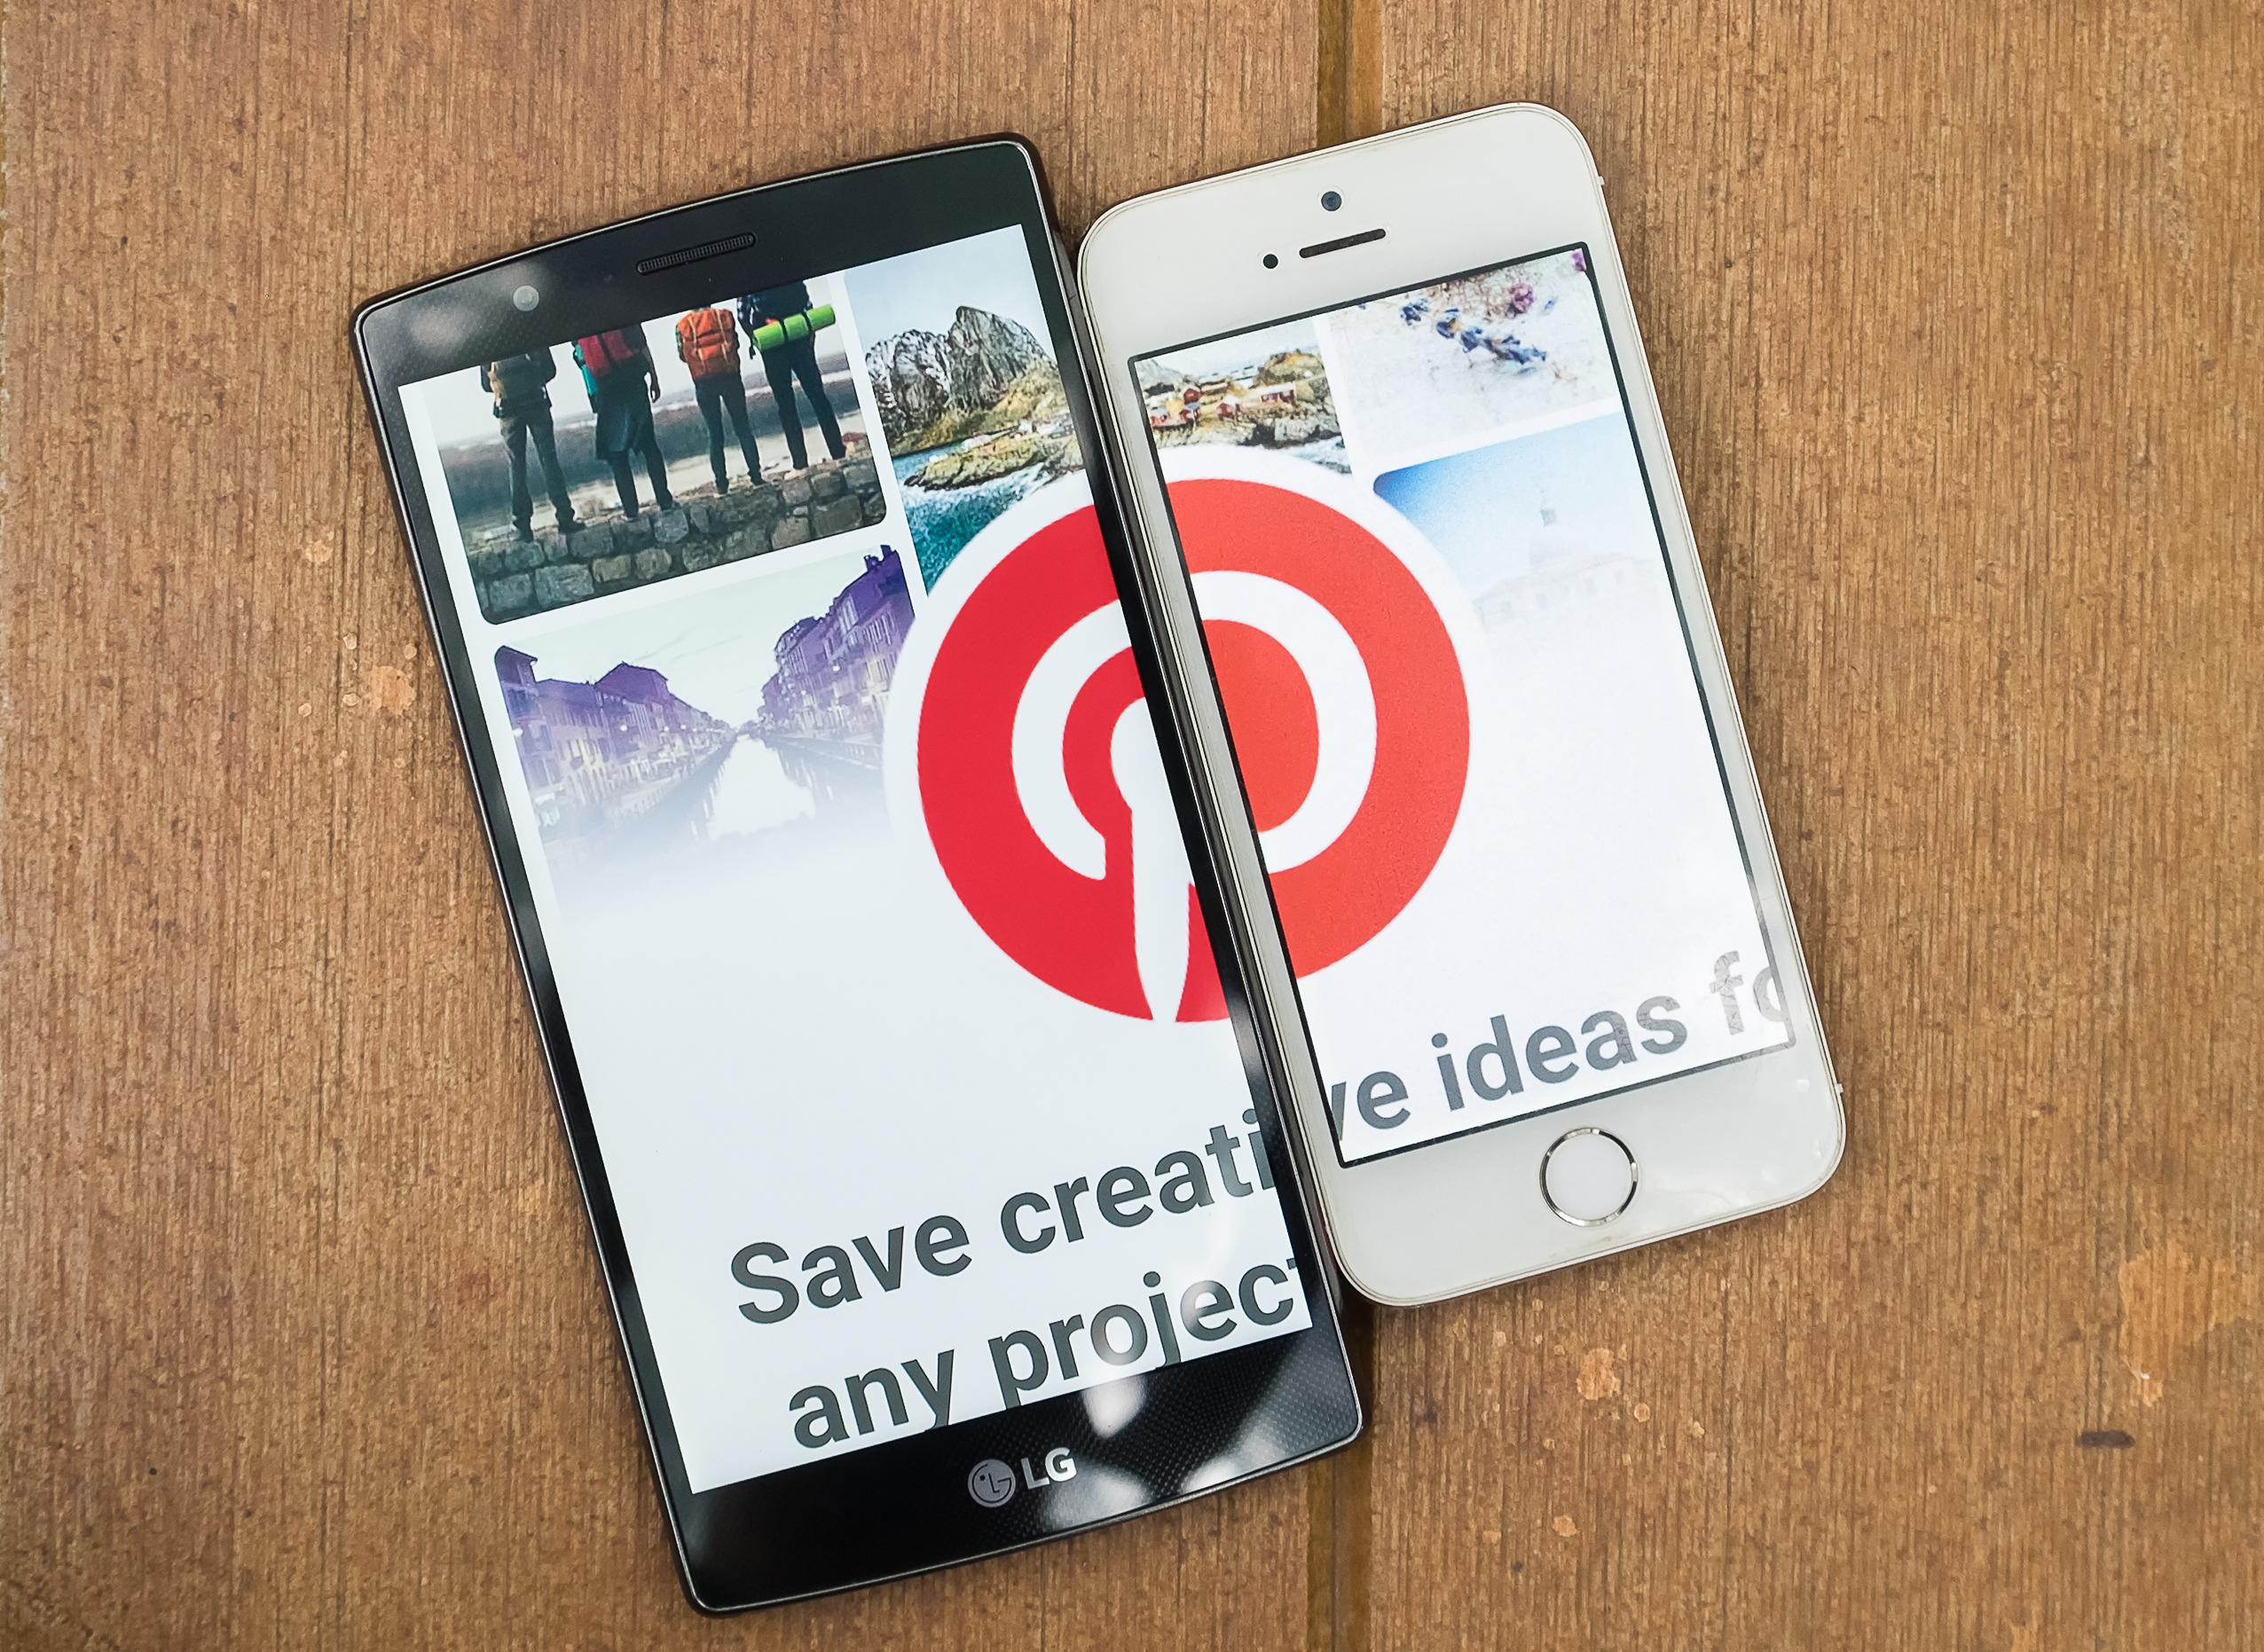 pinterest for social media marketing